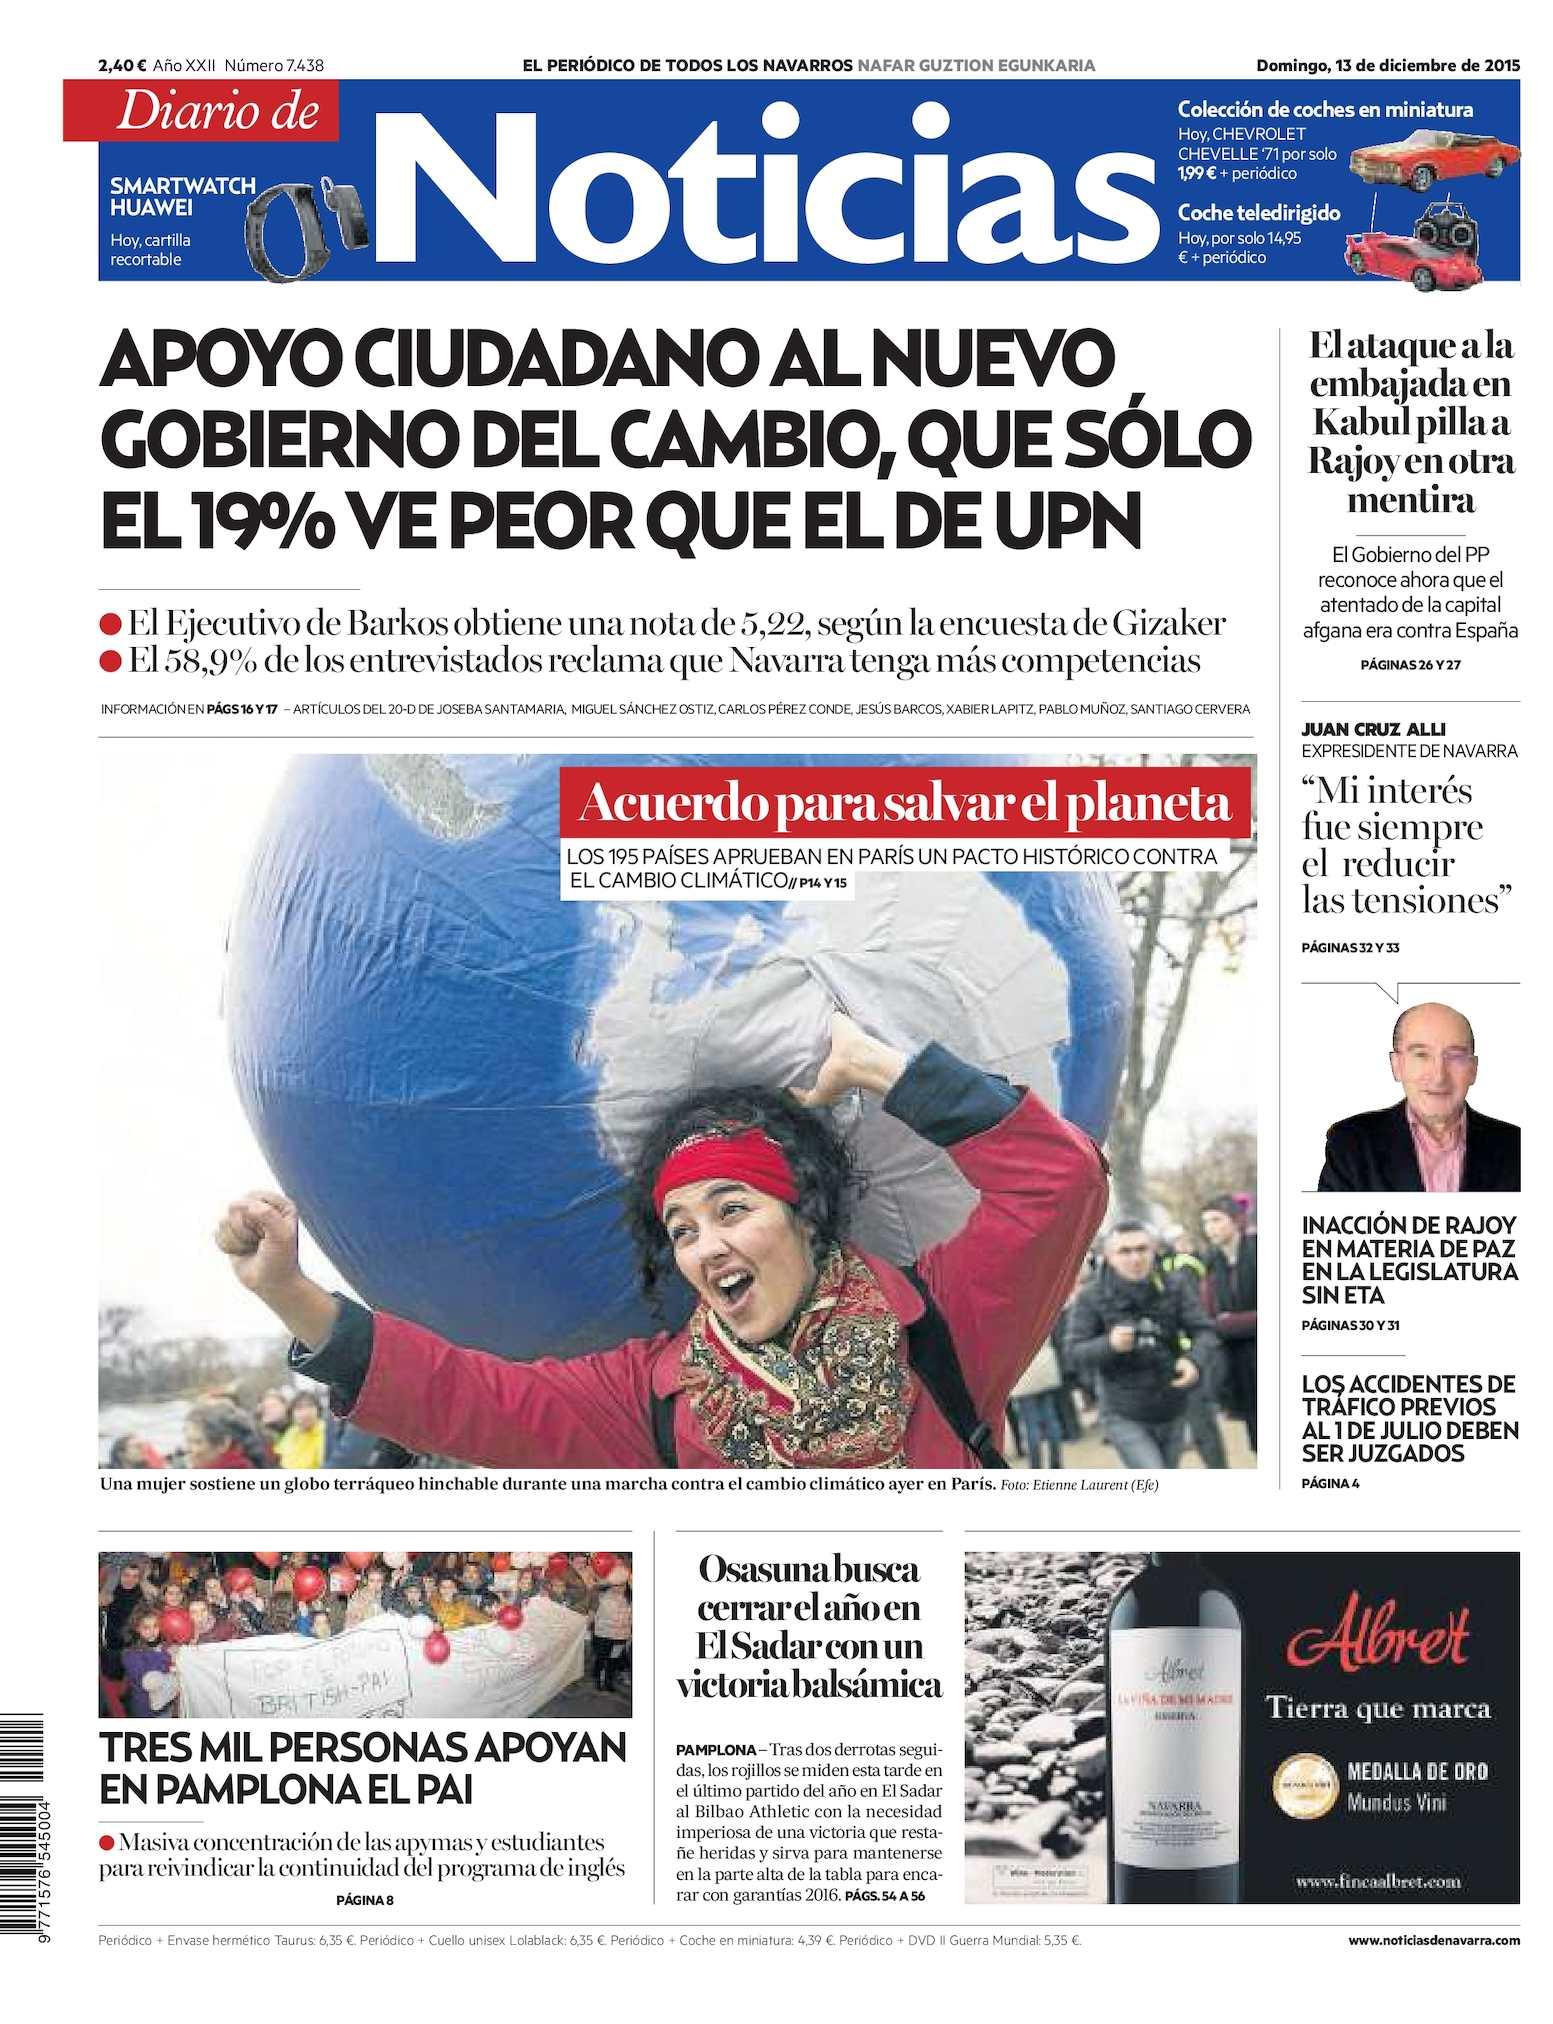 Calaméo - Diario de Noticias 20151213